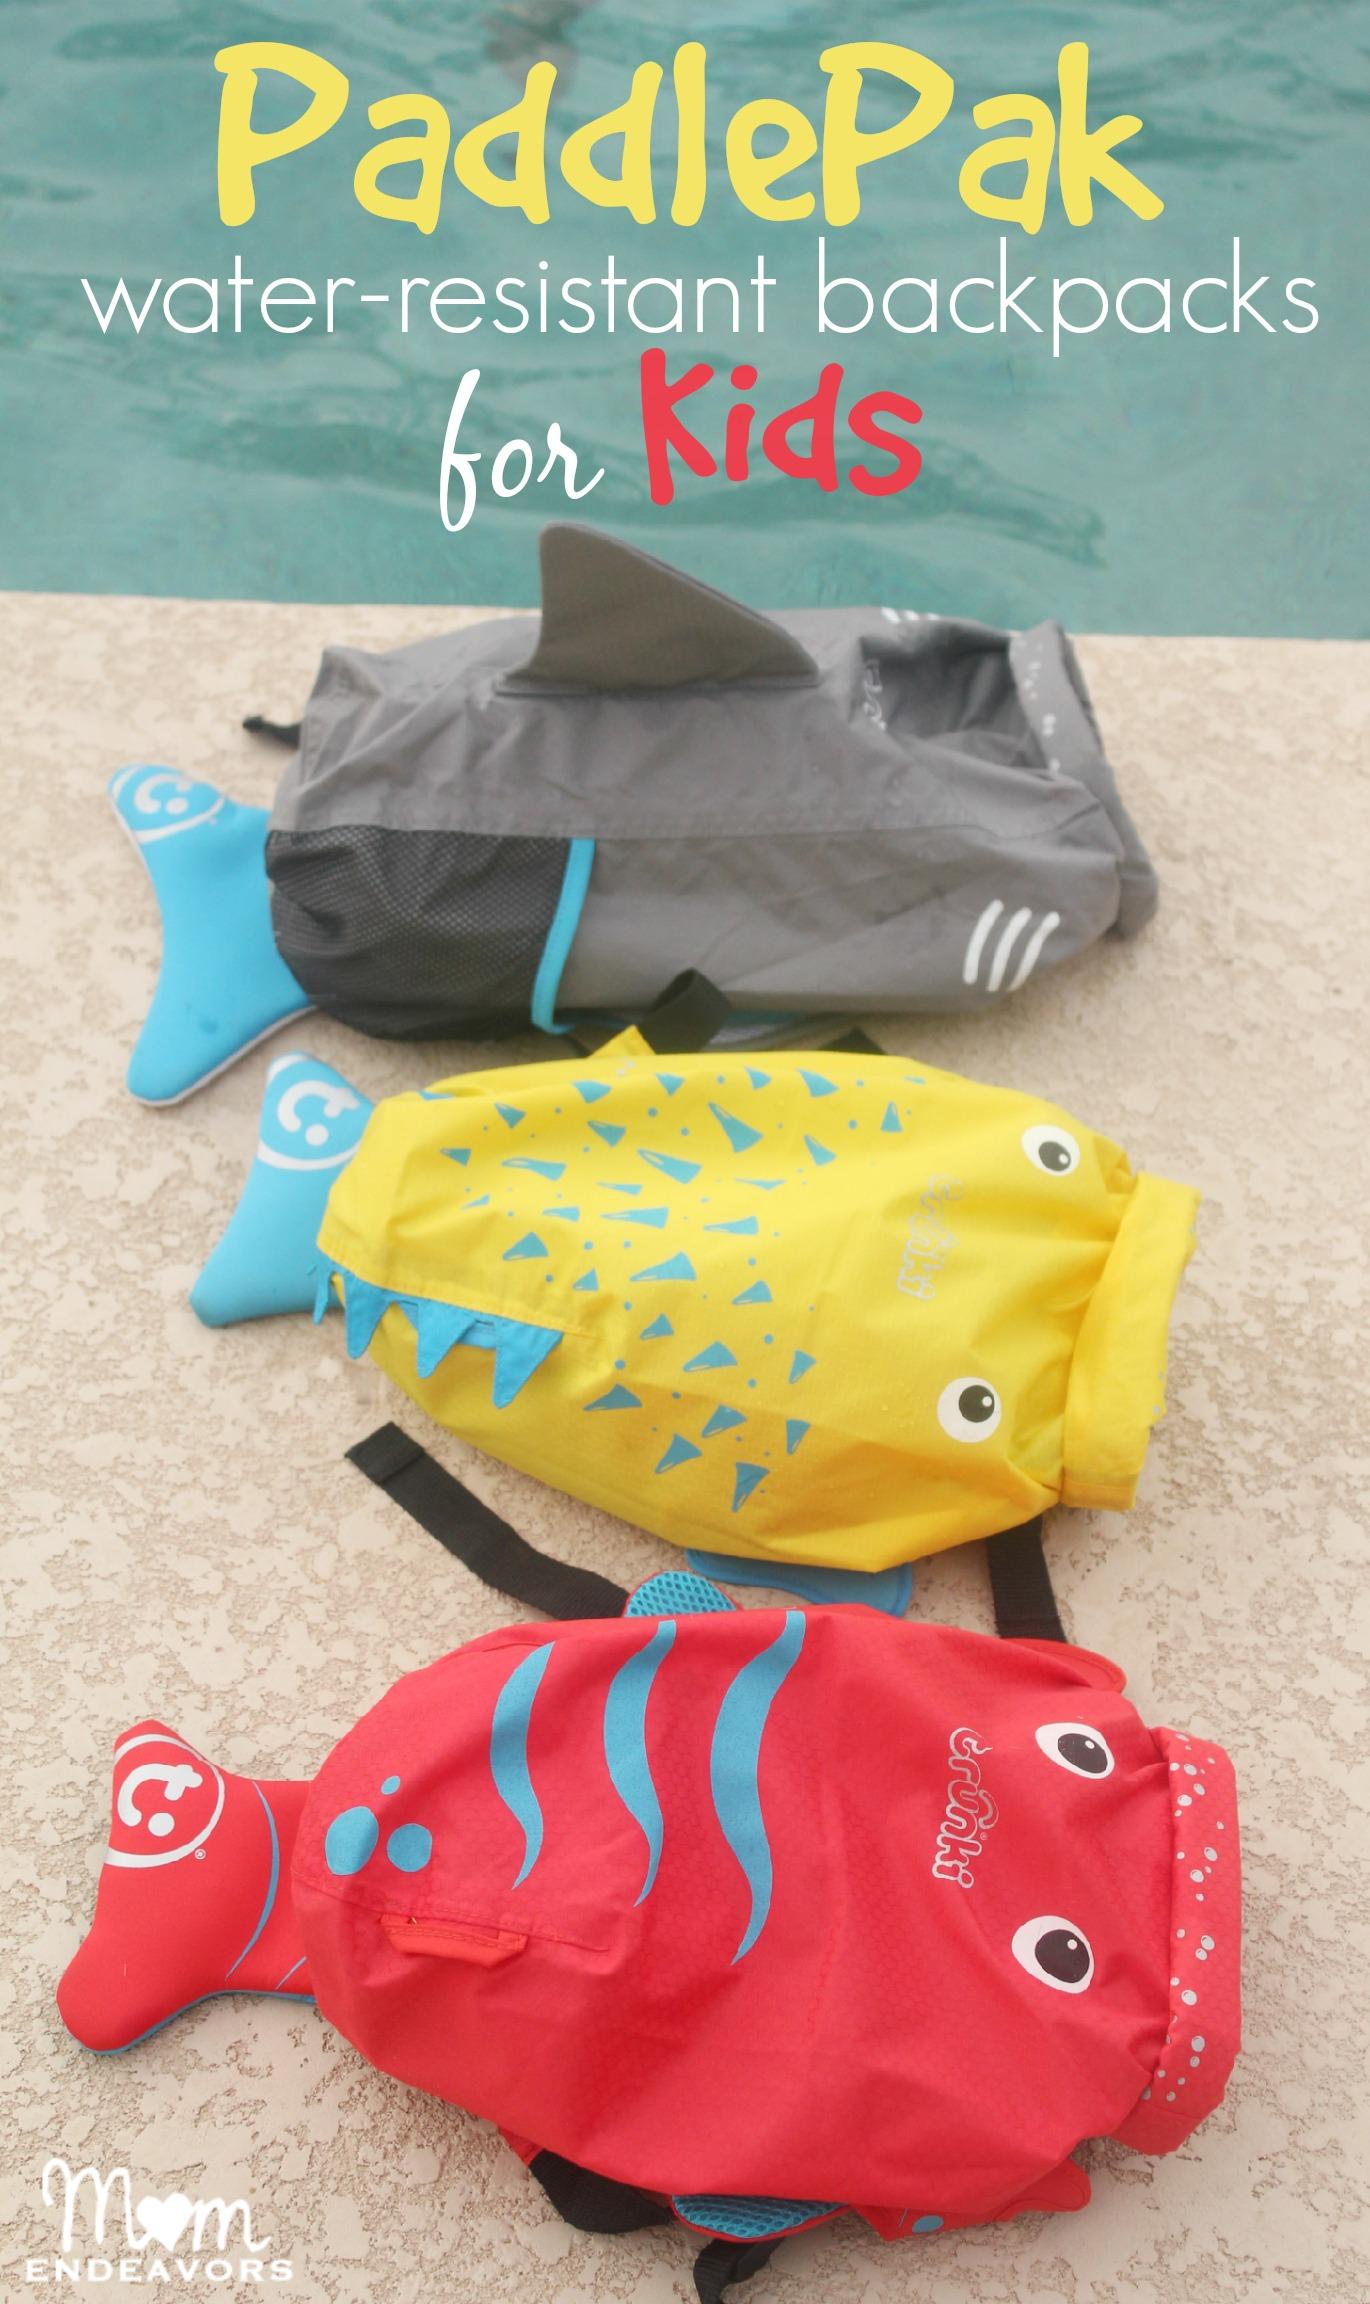 PaddlePak Backpack for Kids